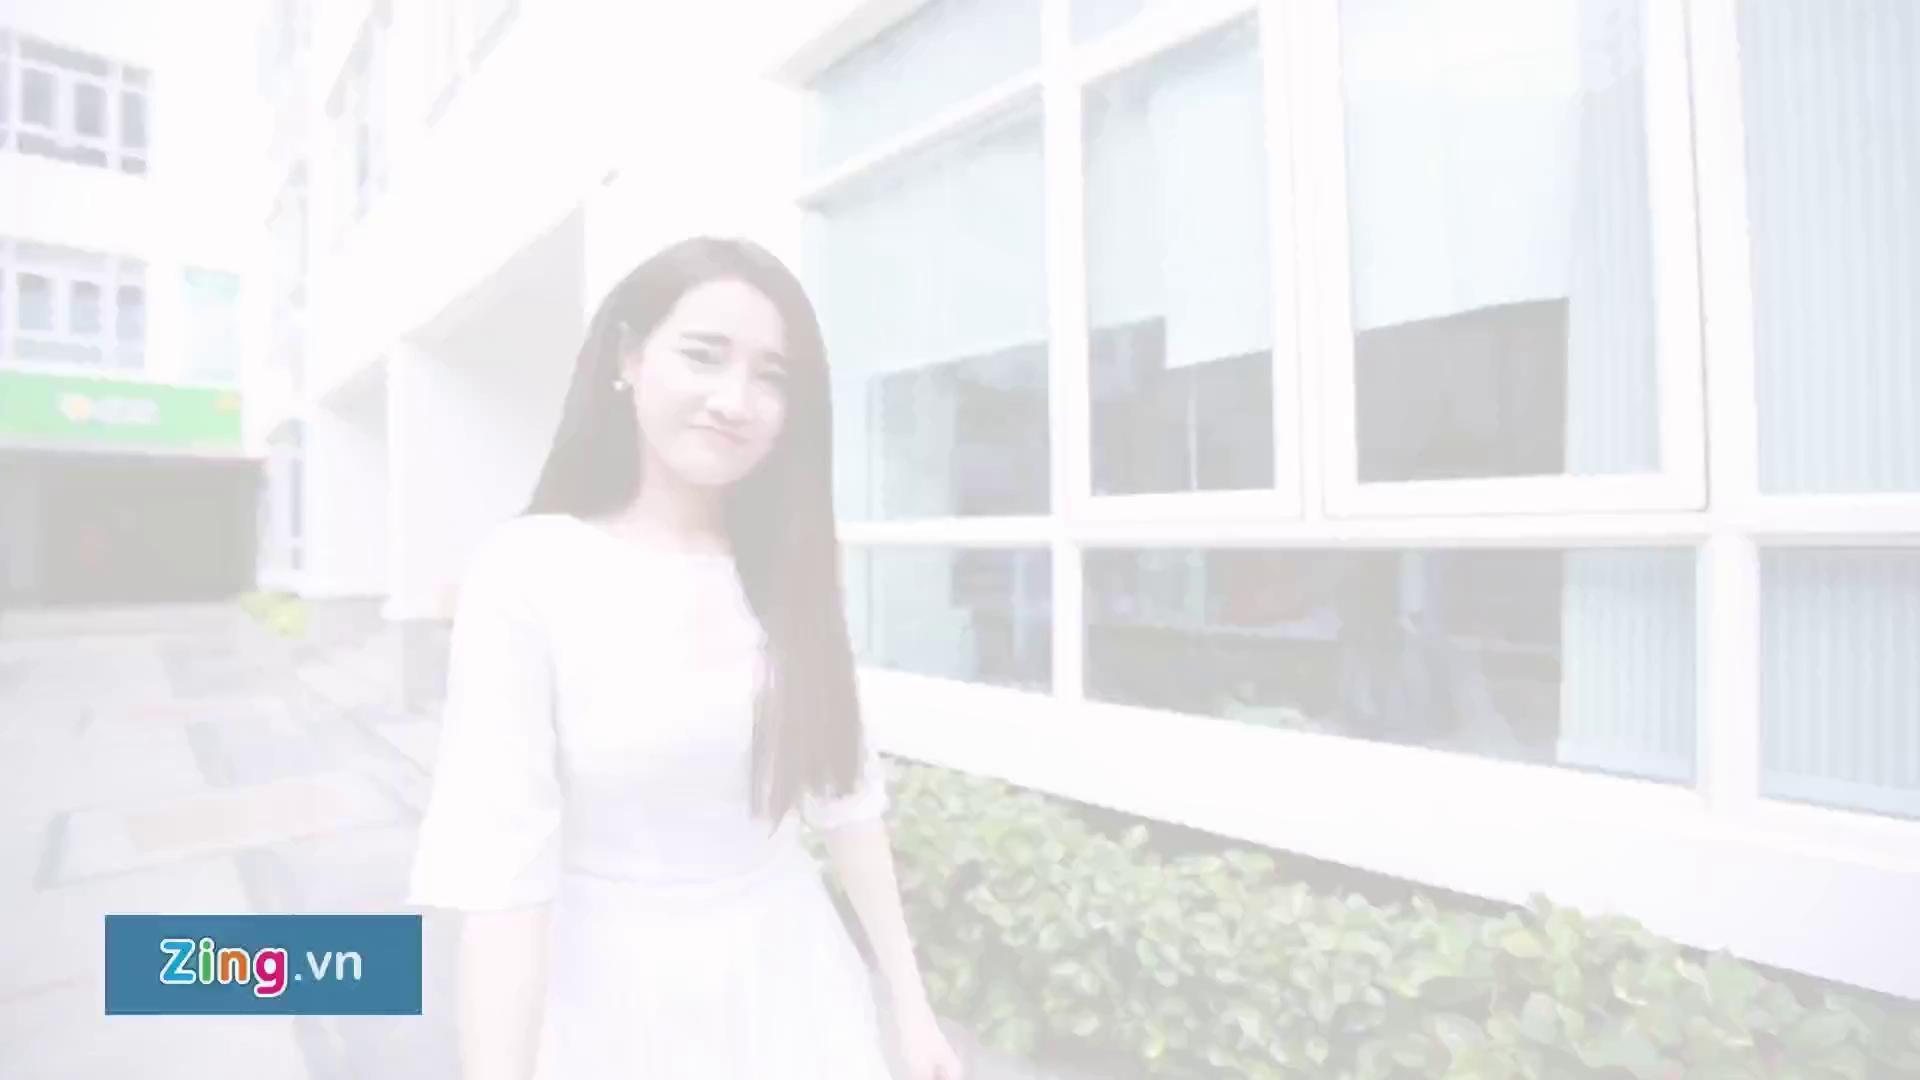 Nhã Phương: 'Tôi và Trường Giang yêu nhau hơn sau sóng gió'